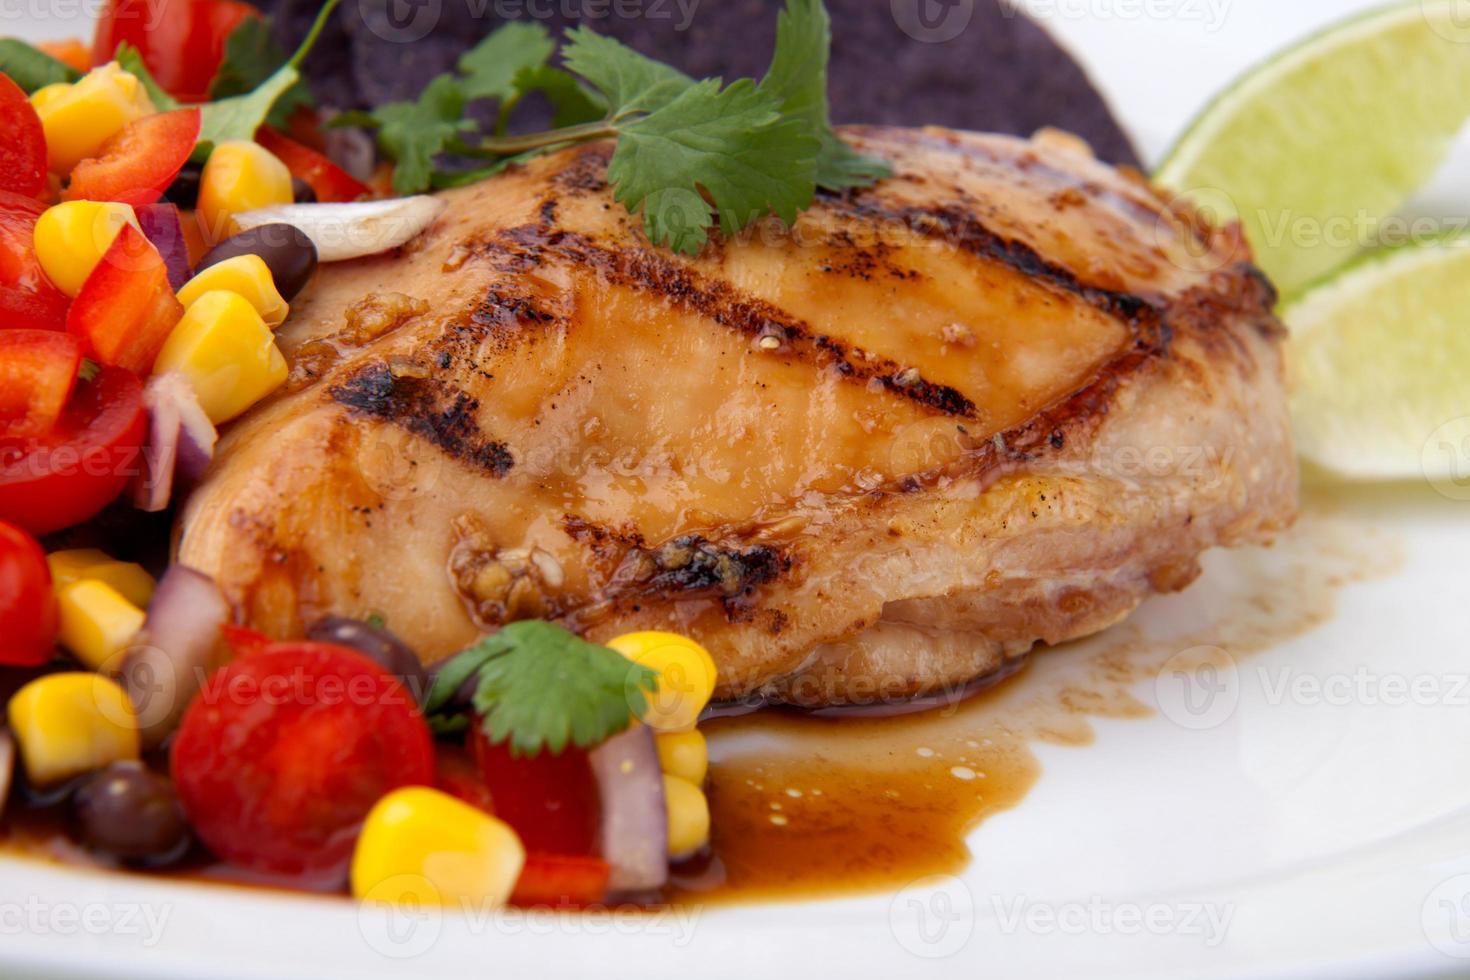 poitrine de poulet grillée avec garniture de tomates et de maïs photo